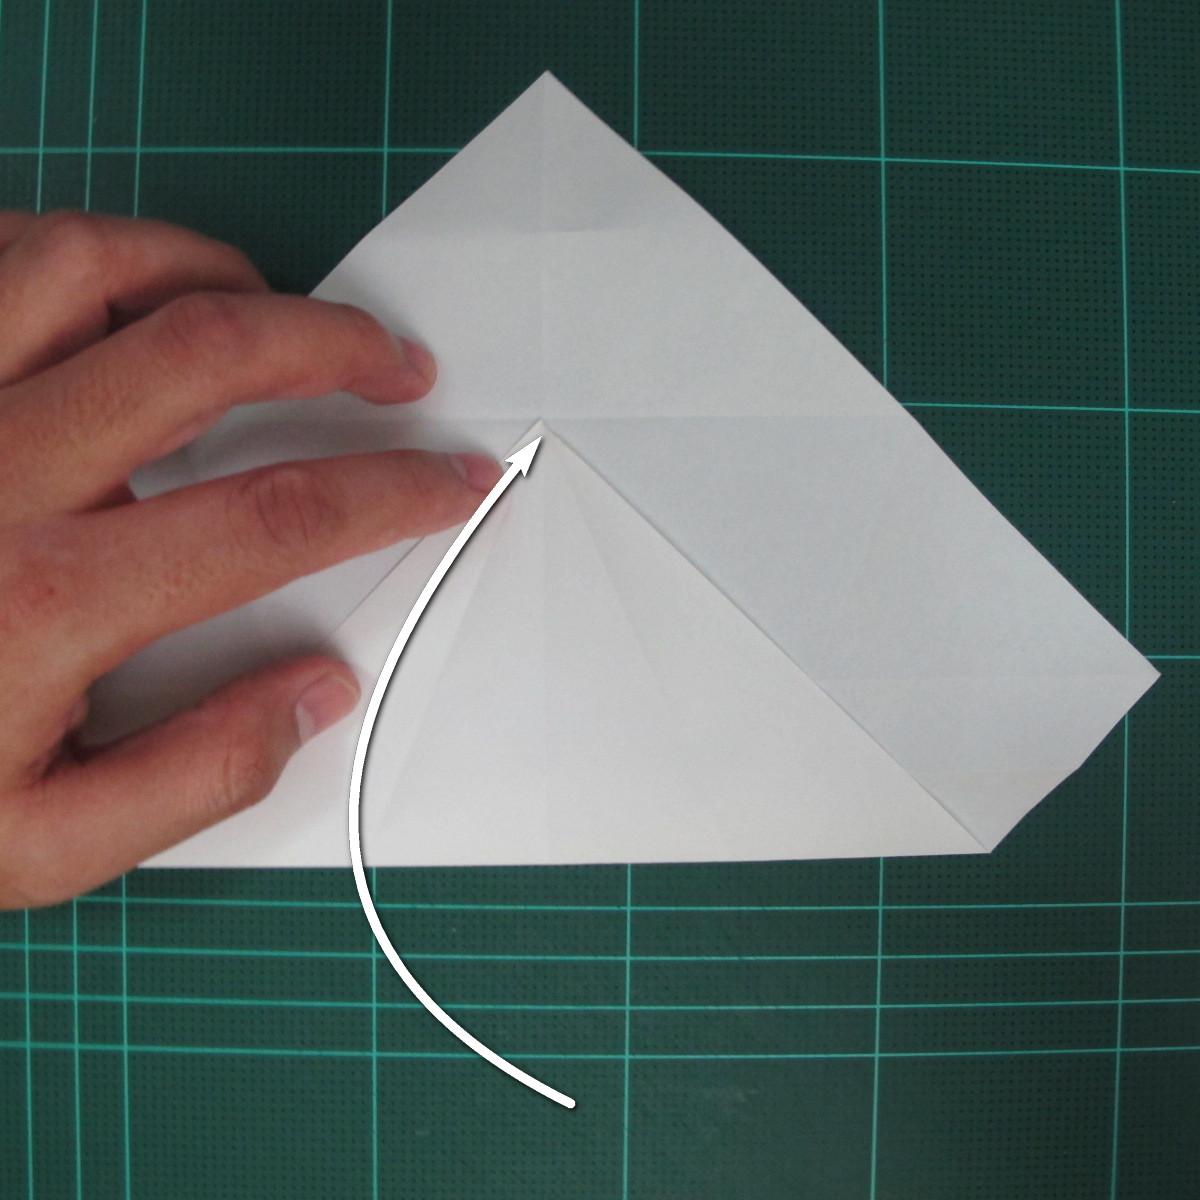 วิธีพับกระดาษเป็นรูปปลาแซลม่อน (Origami Salmon) 011